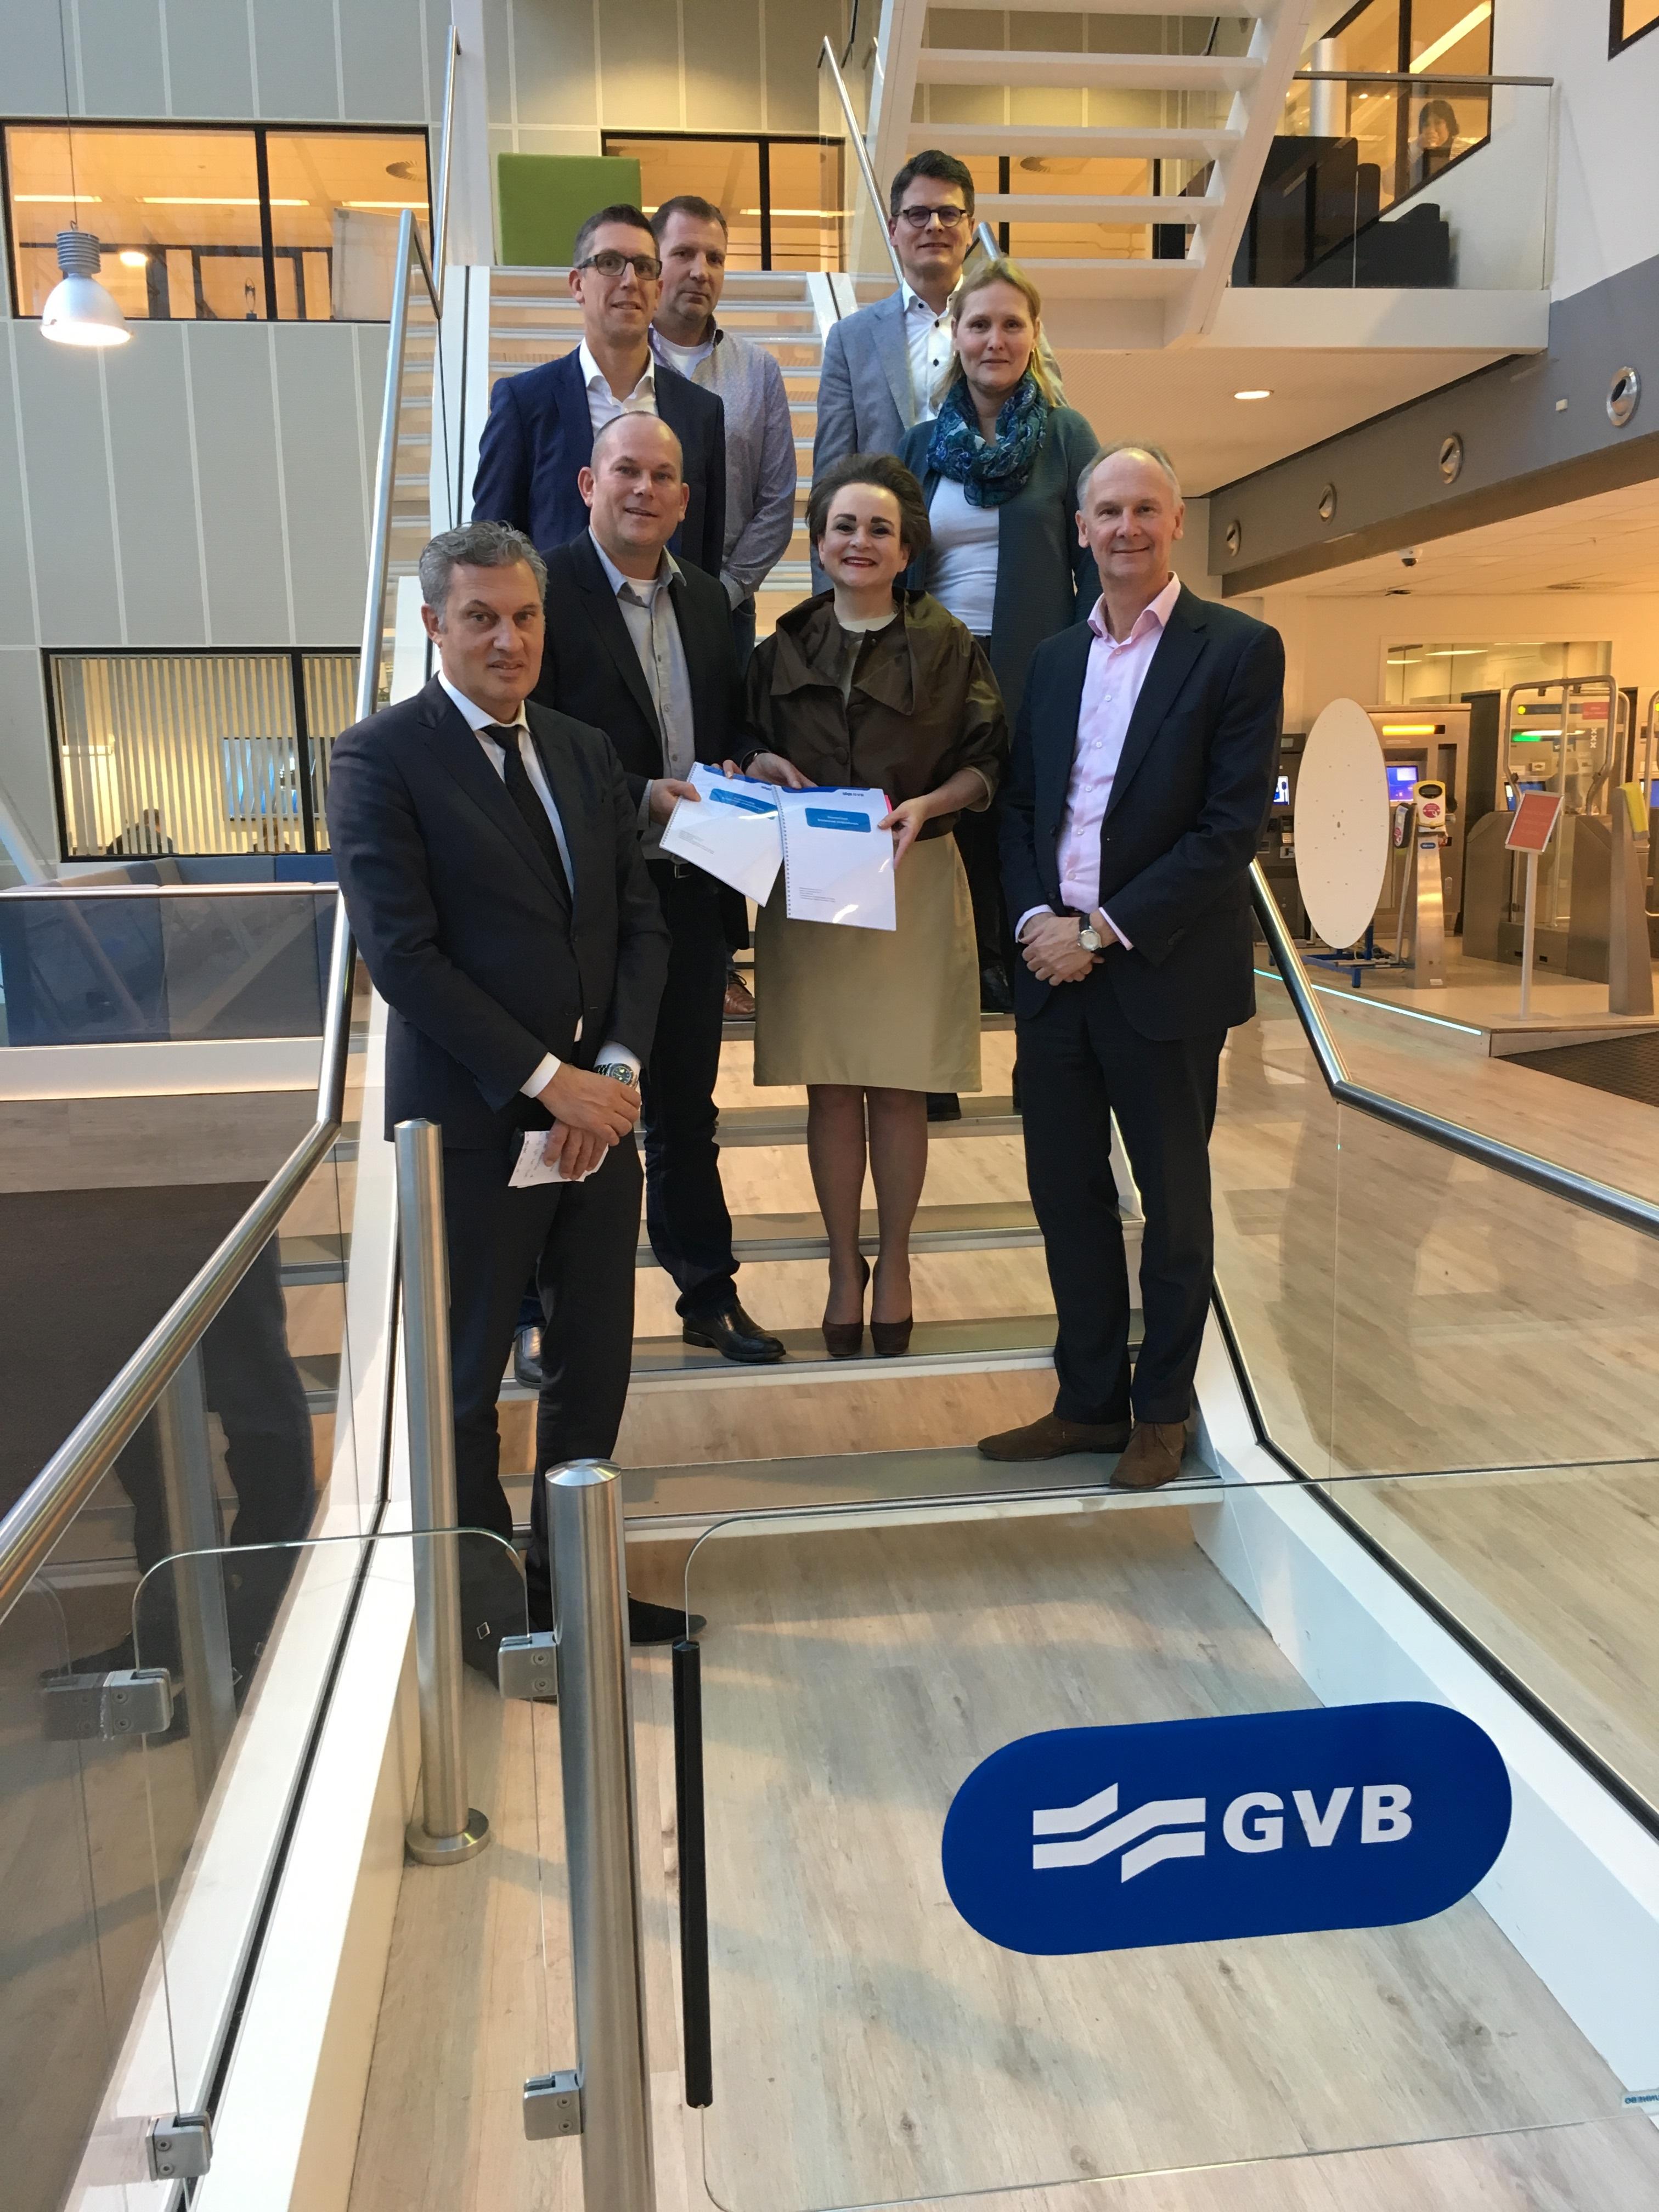 Delegatie GVB en ICS-Wijngaard na ondertekening van het schoonmaakcontract